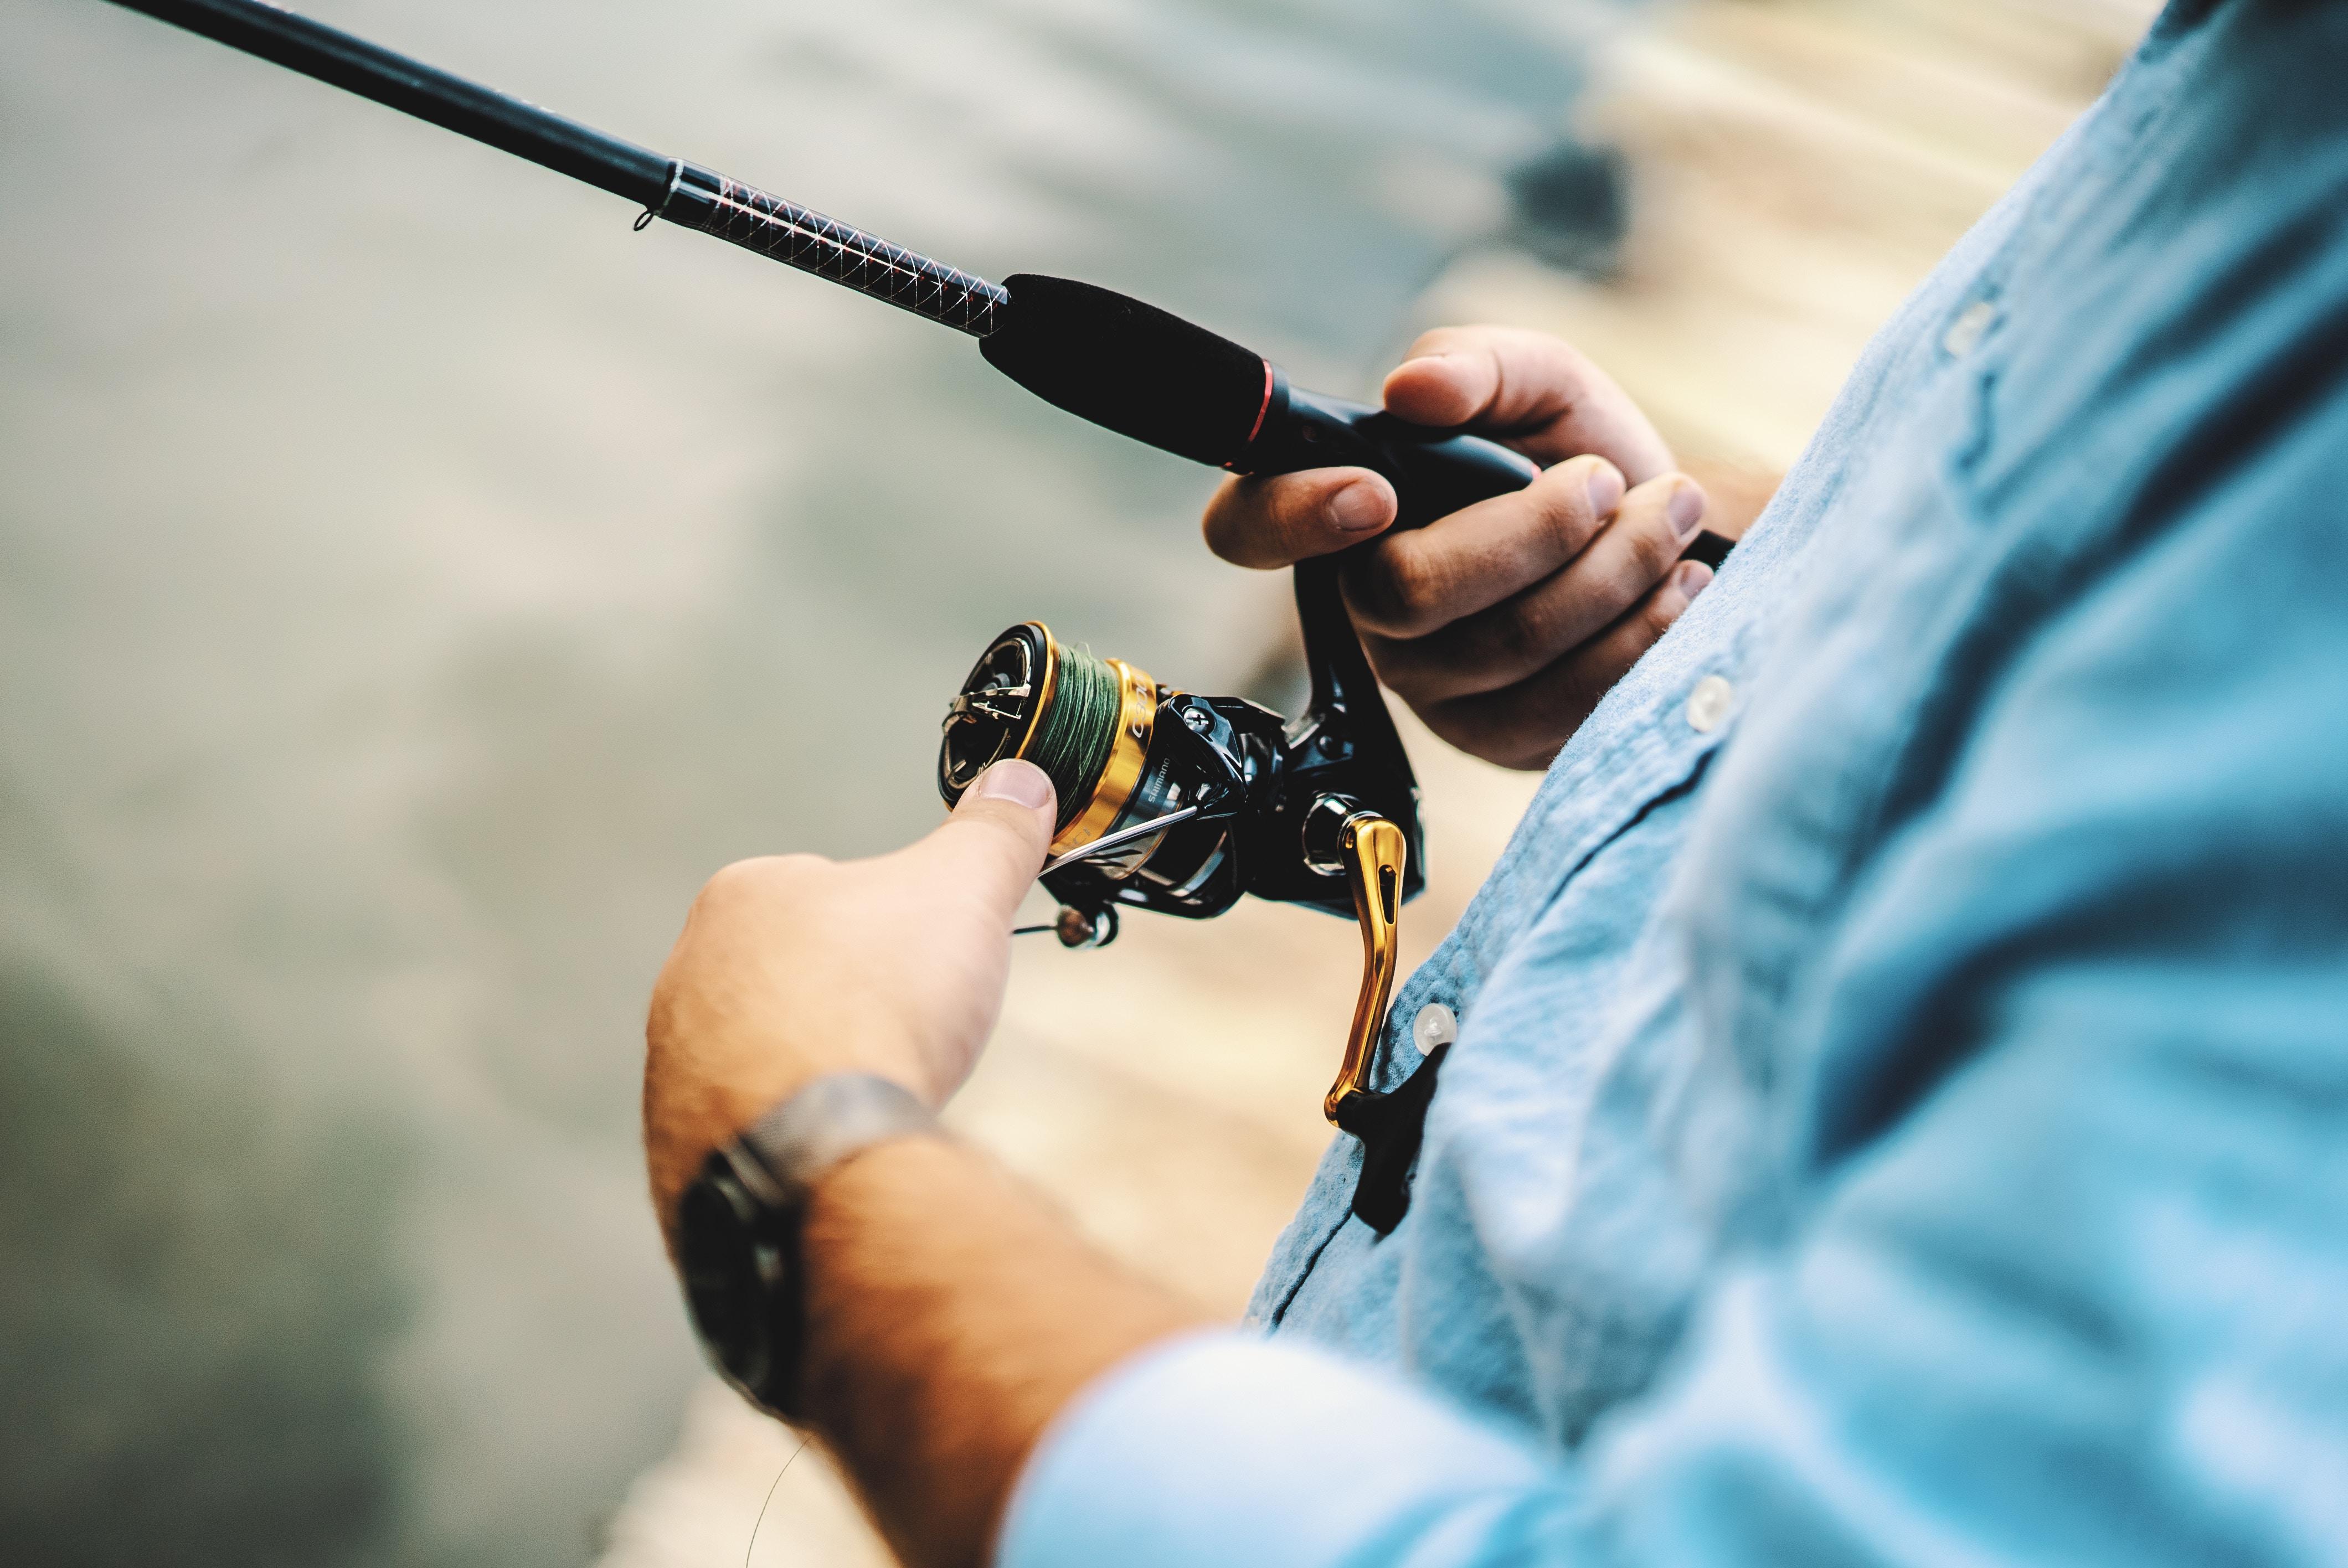 Pirkestænger til særligt fiskeri